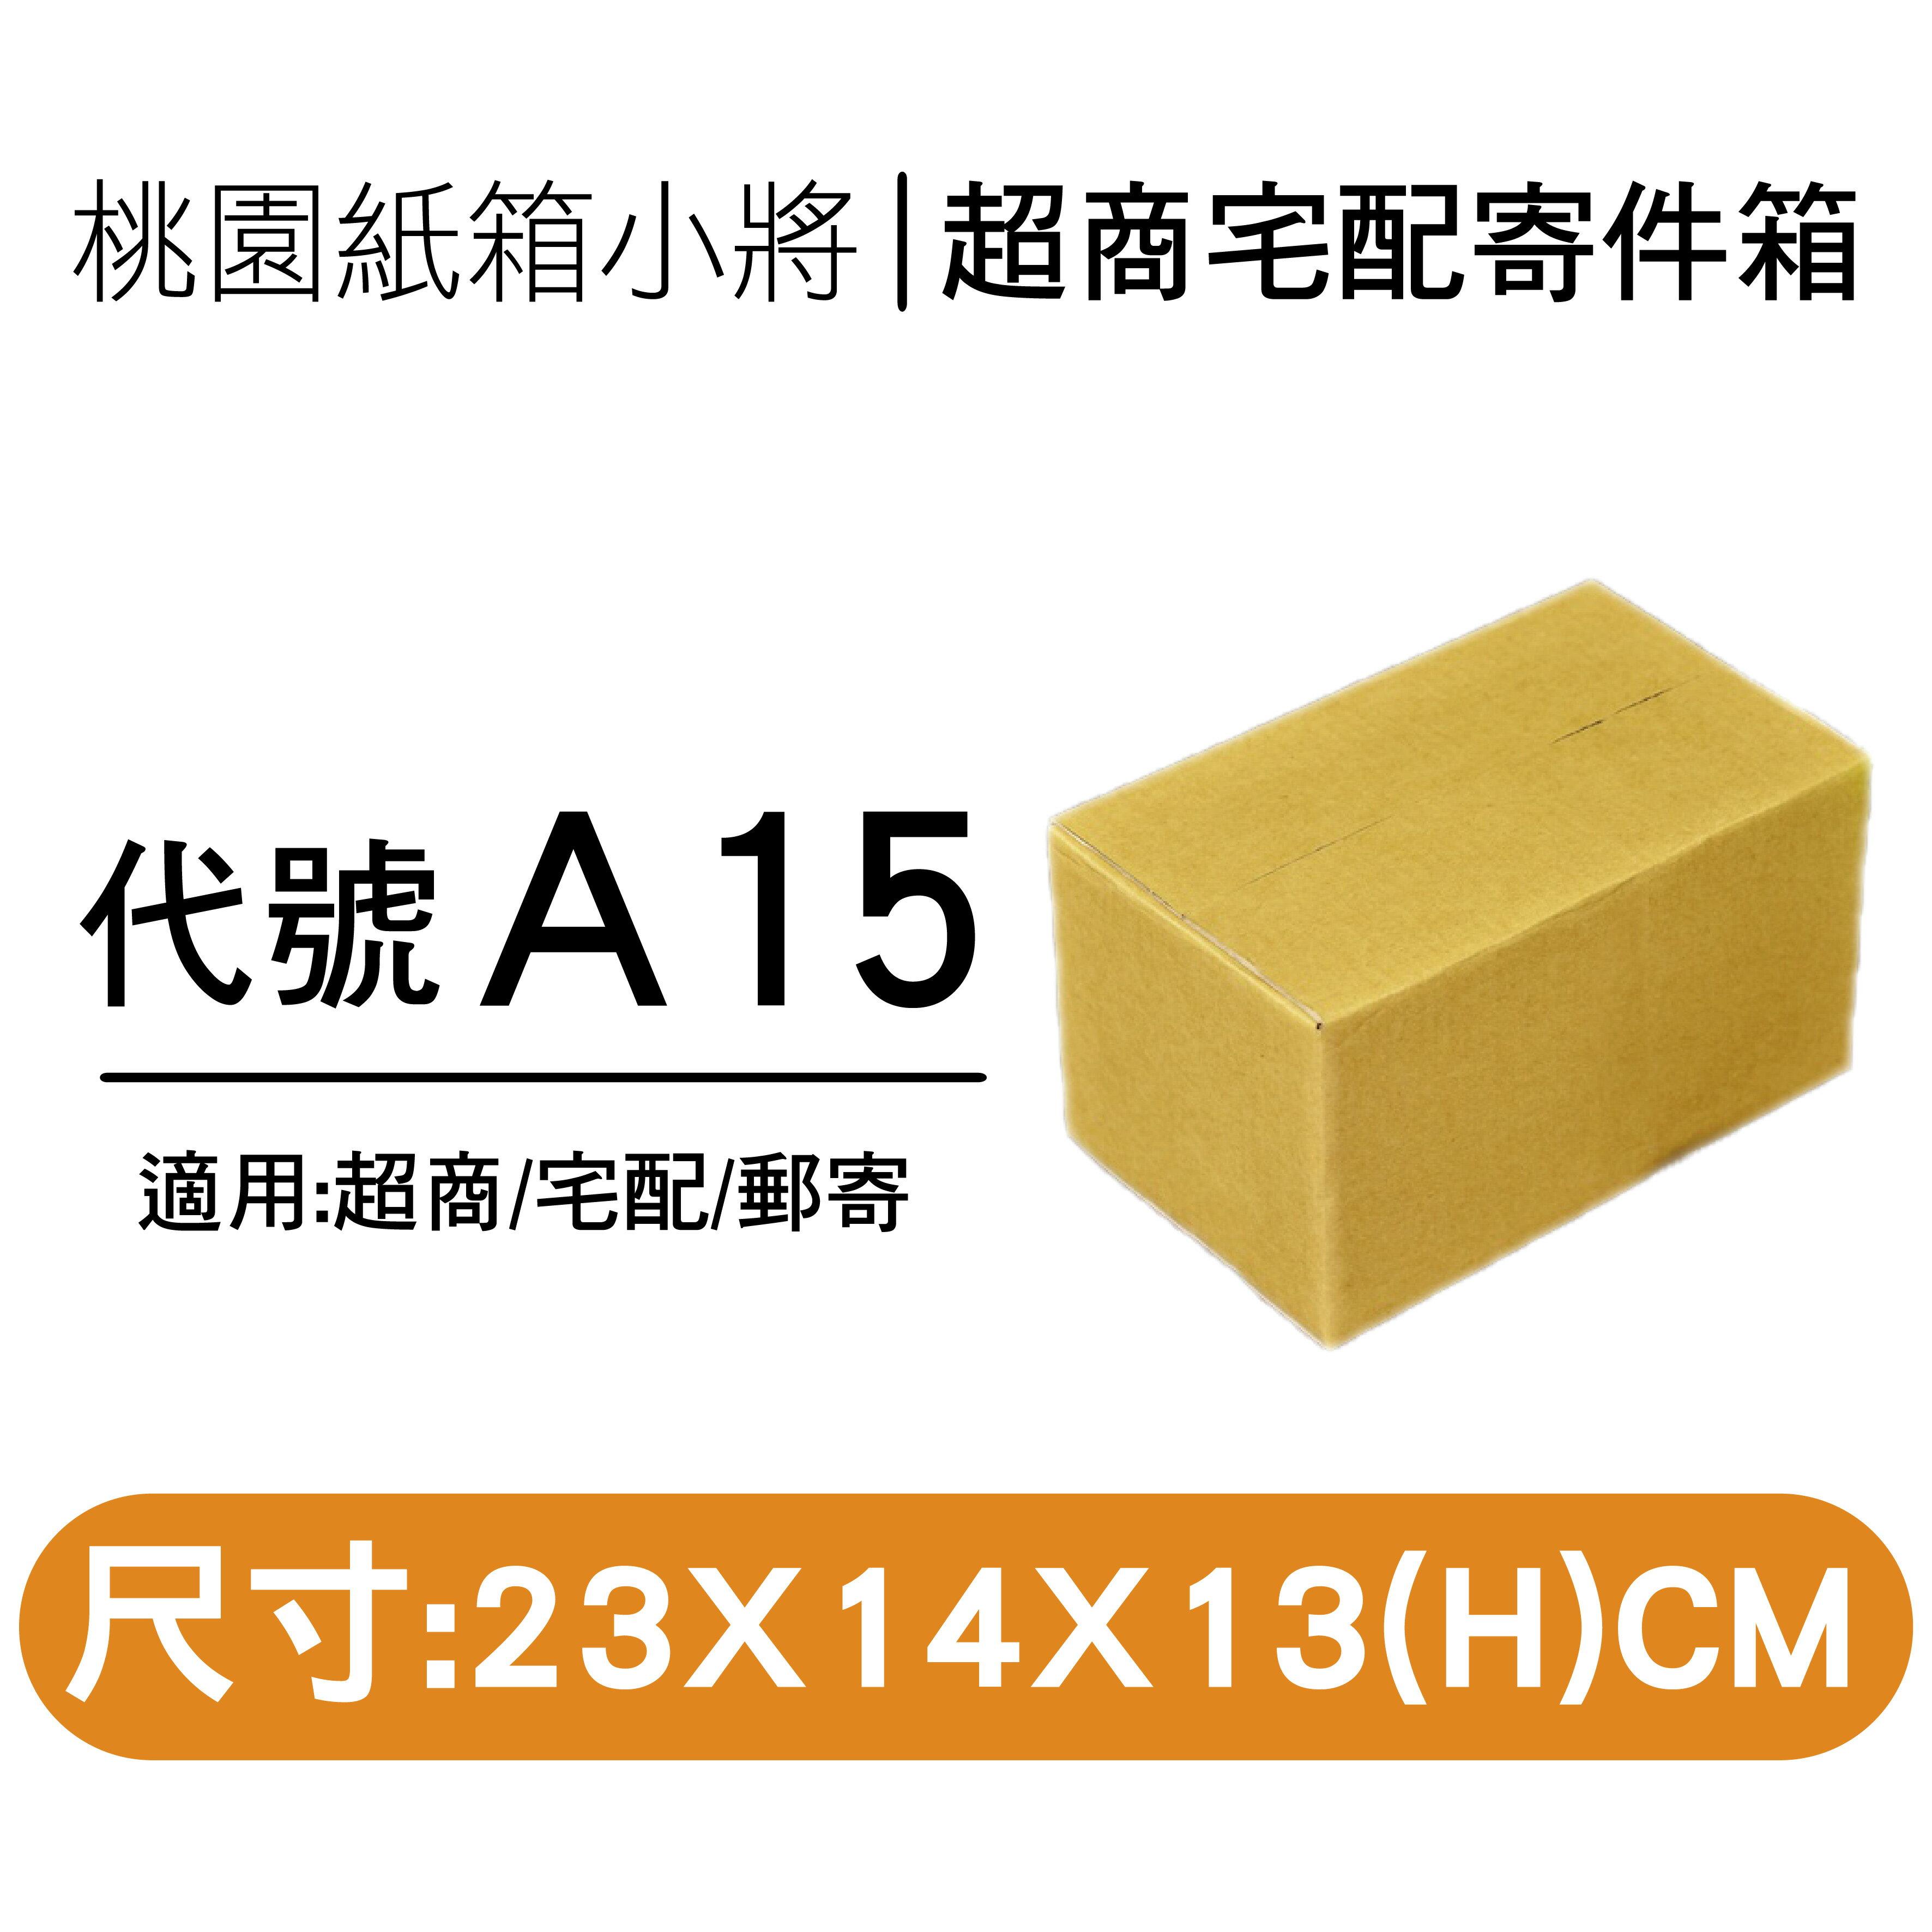 紙箱 【23X14X13 CM】【50入】 紙盒 宅配箱 郵局便利箱 收納紙盒